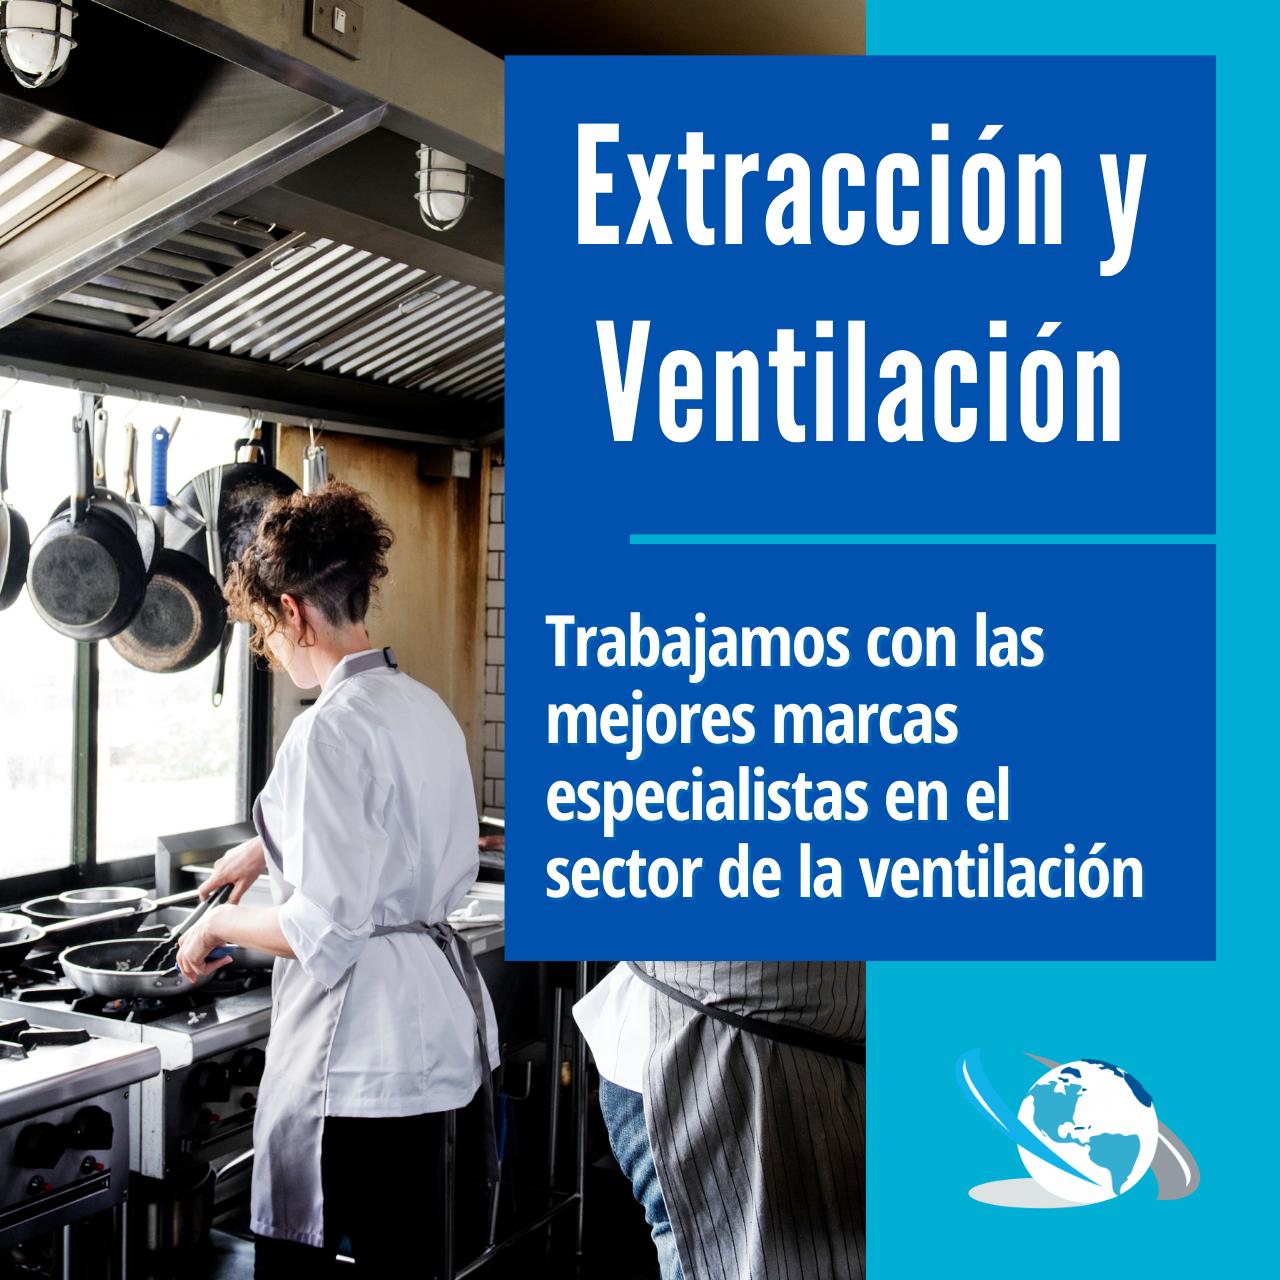 Extracción y Ventilación